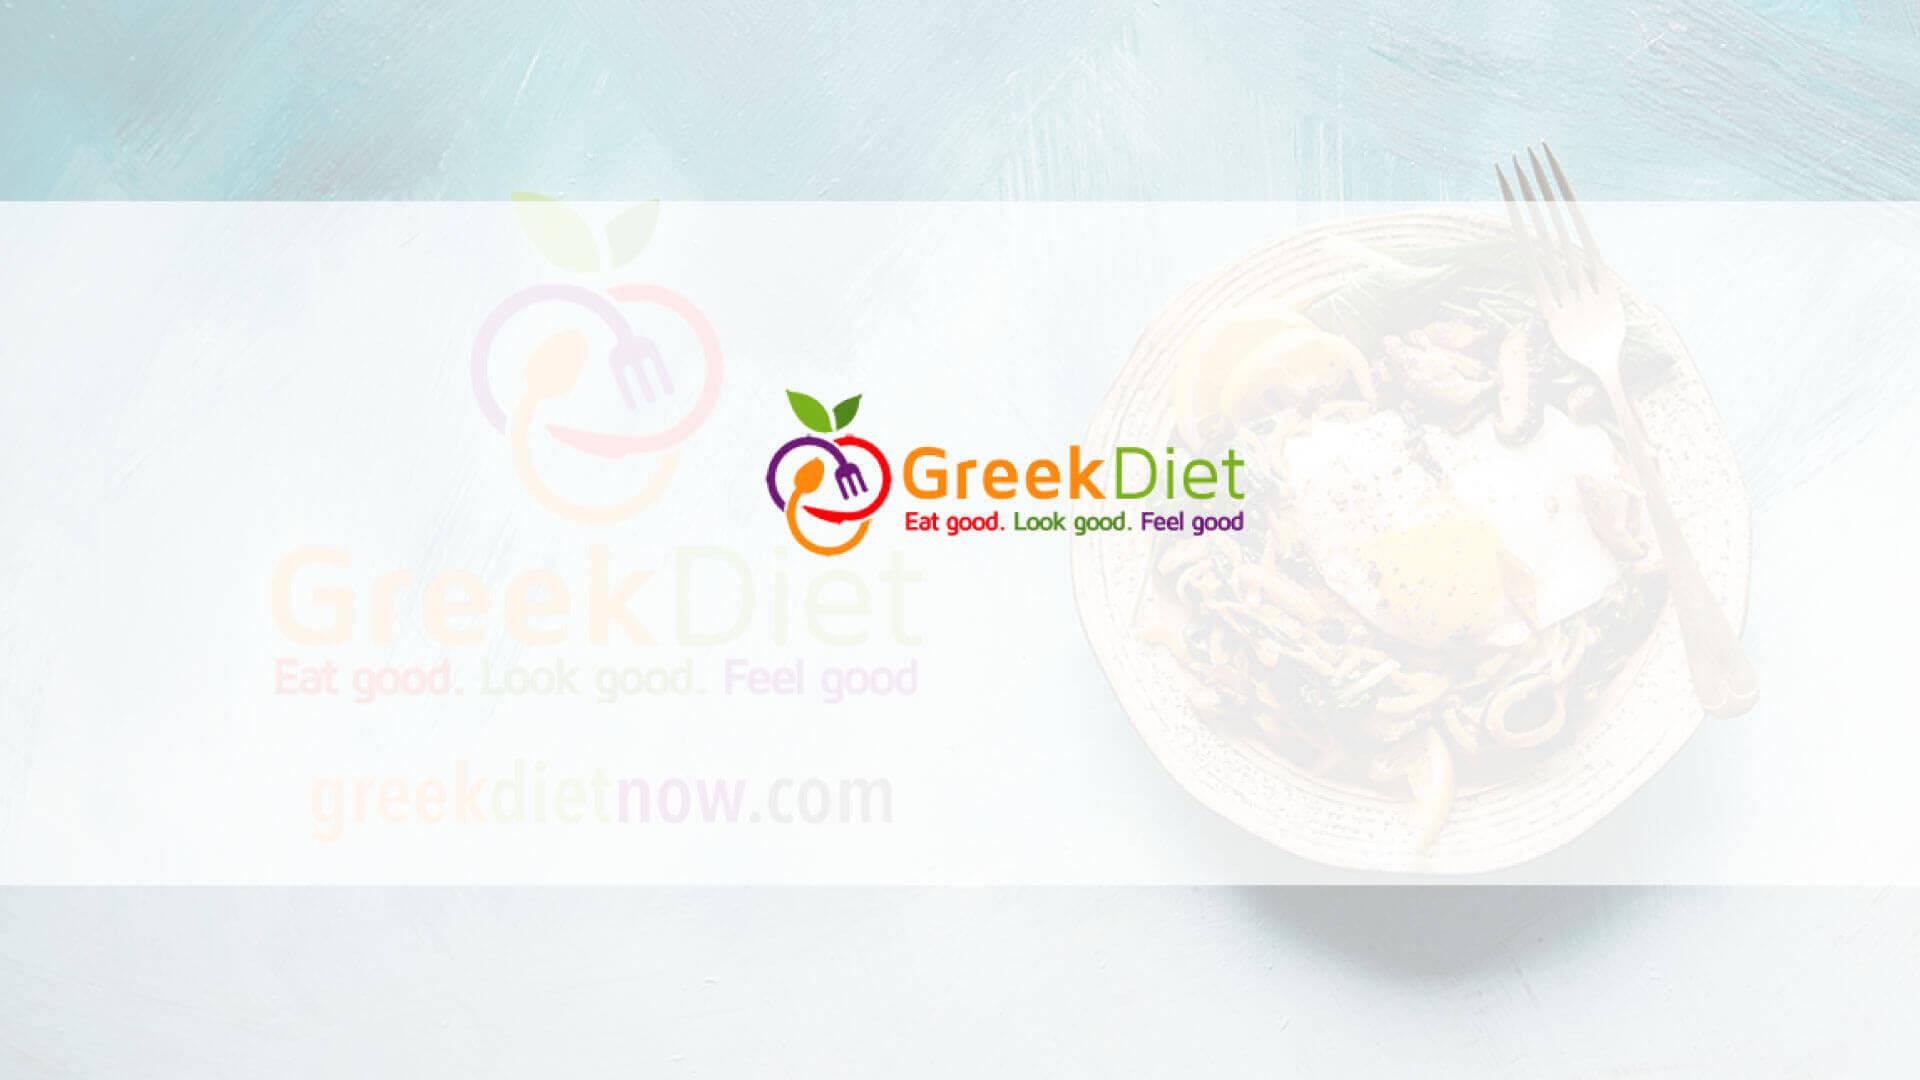 Greek Diet Now